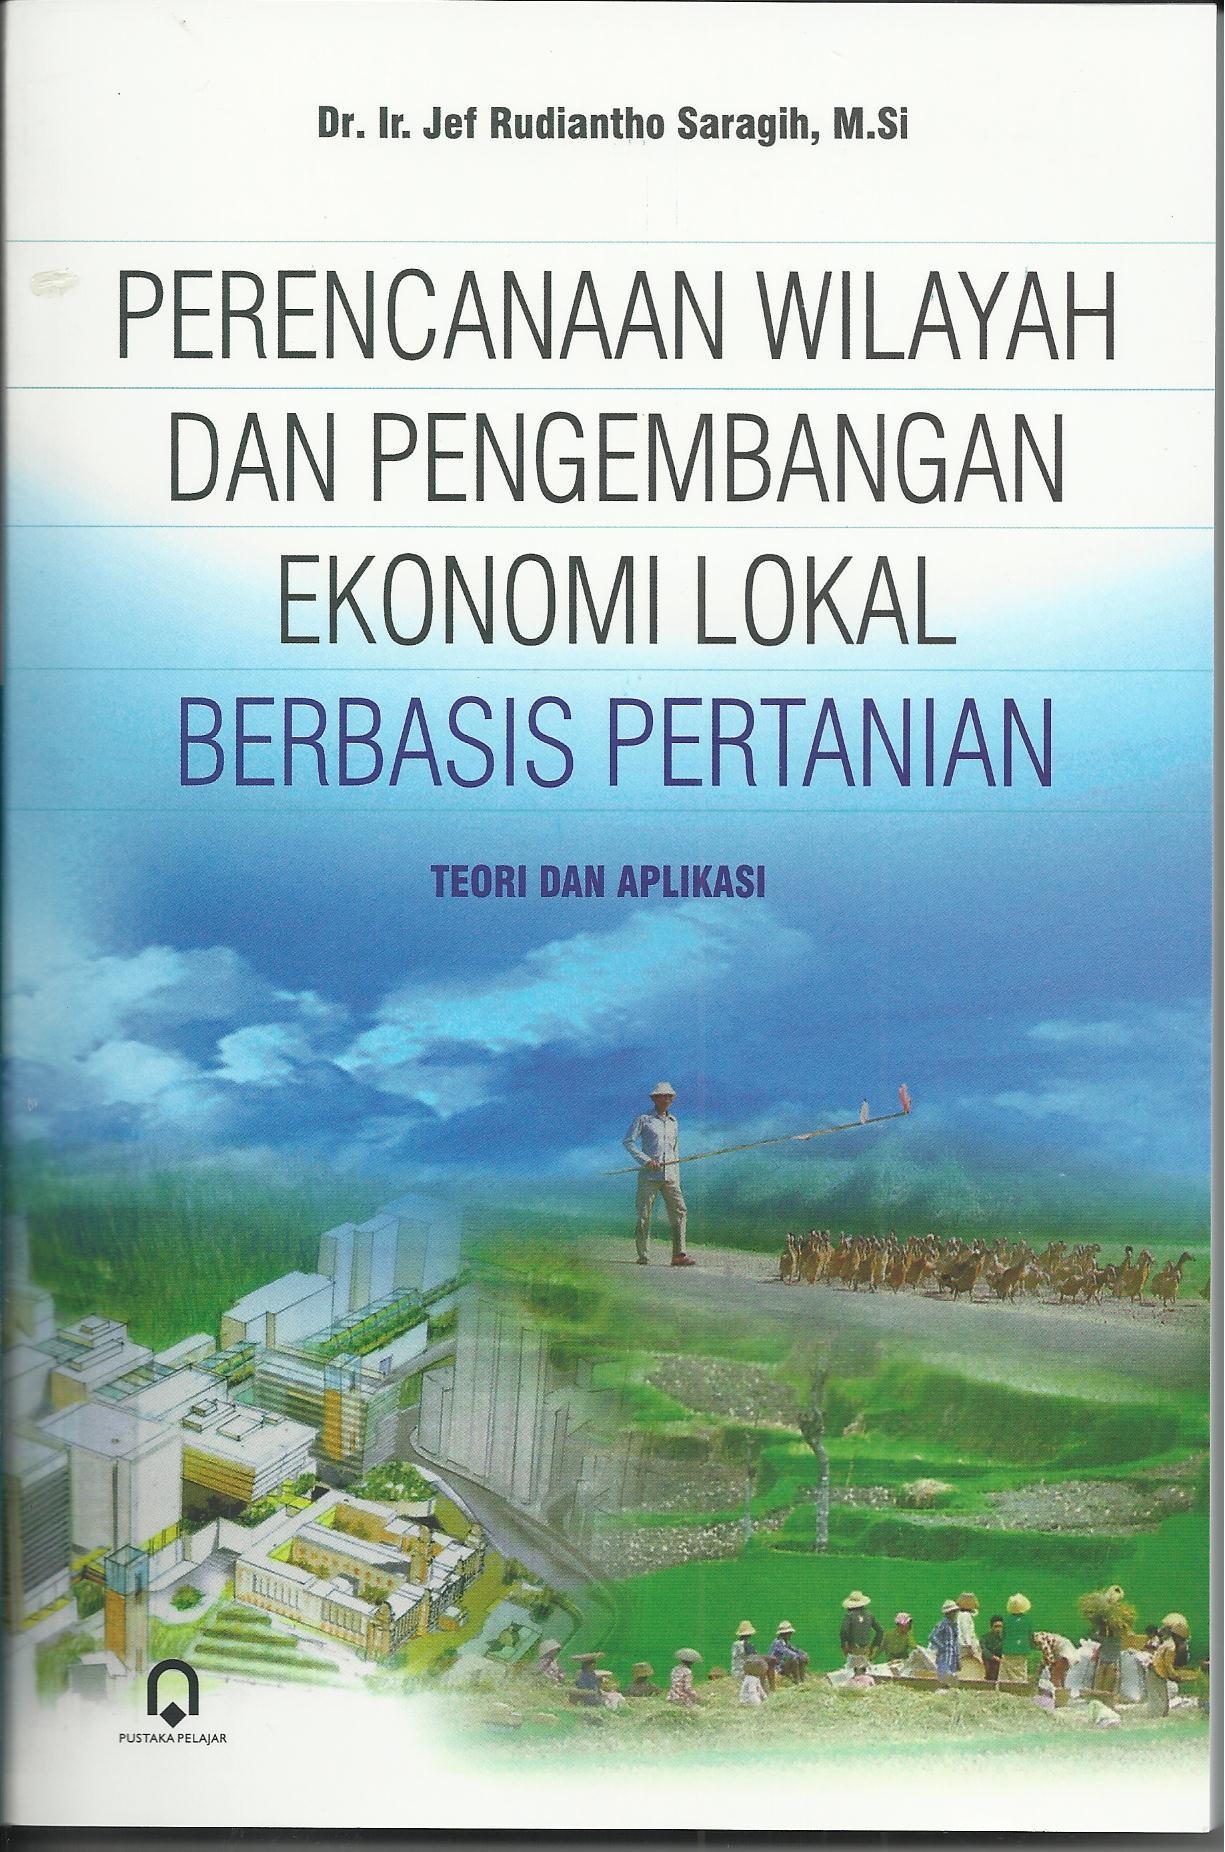 Perencanaan  Wilayah dan Pengembangan Ekonomi Lokal Berbasis Pertanian